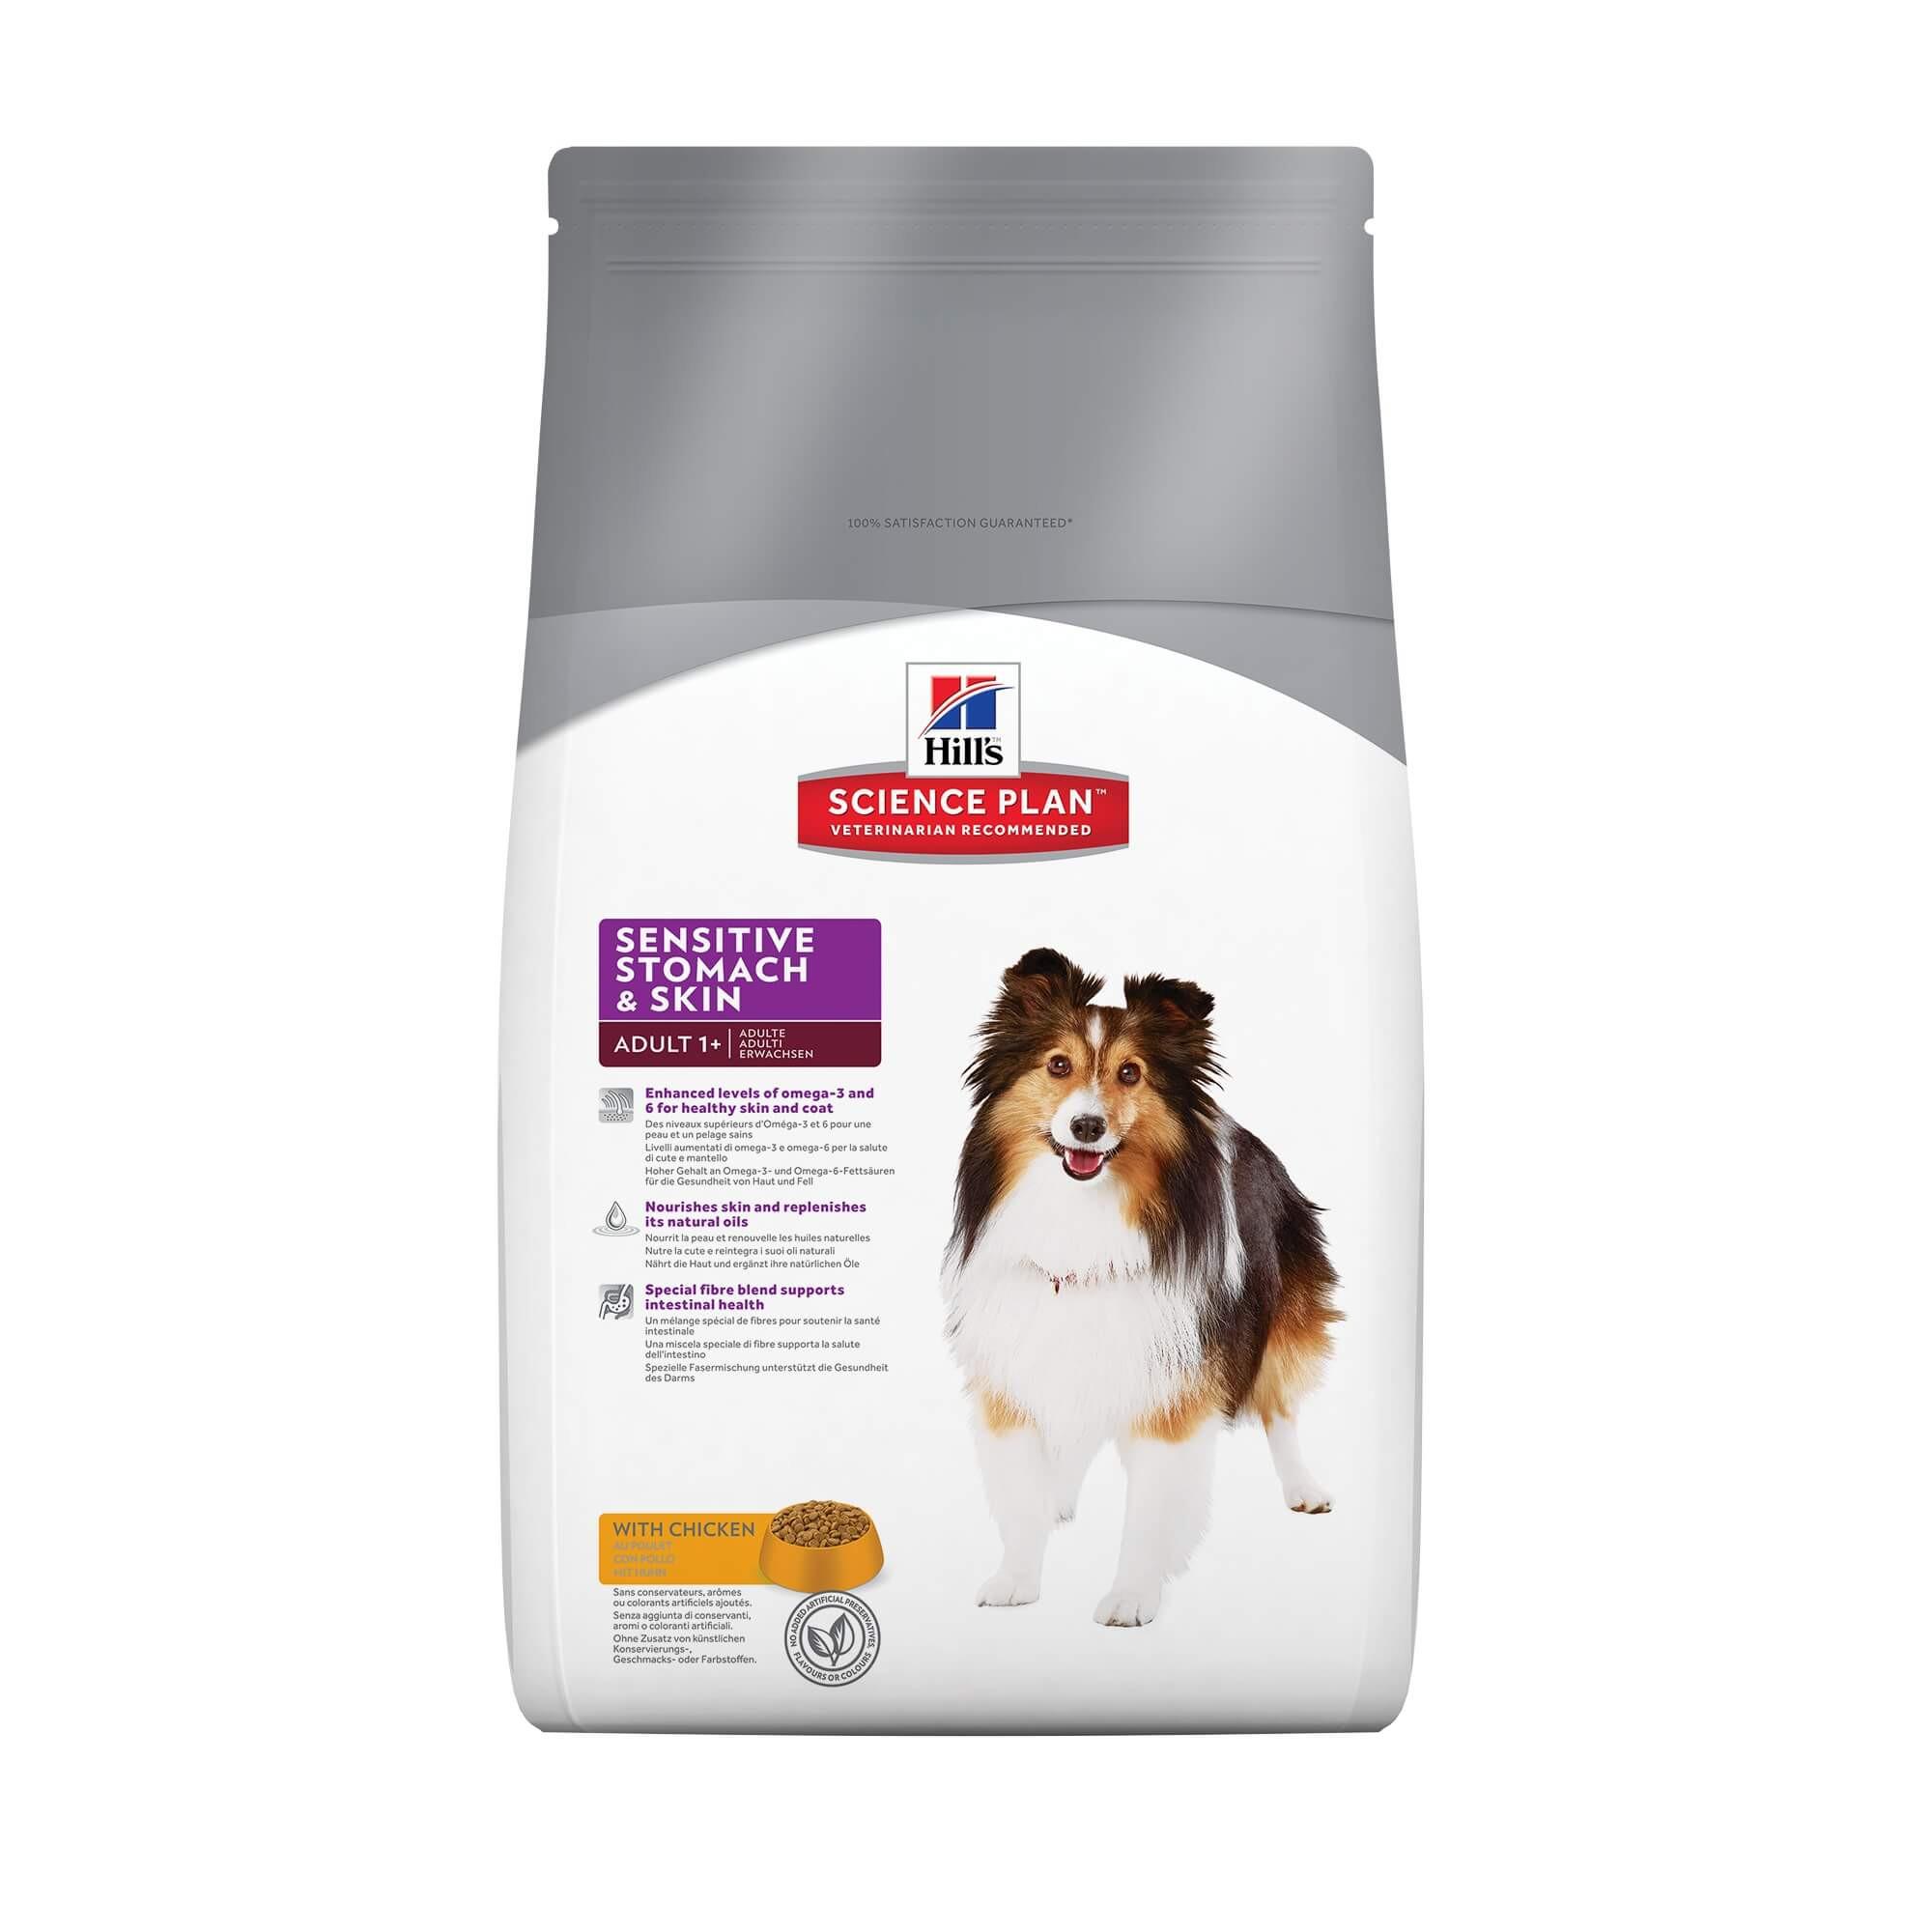 Hill's Sensitive Stomach & Skin Adult poulet pour chien